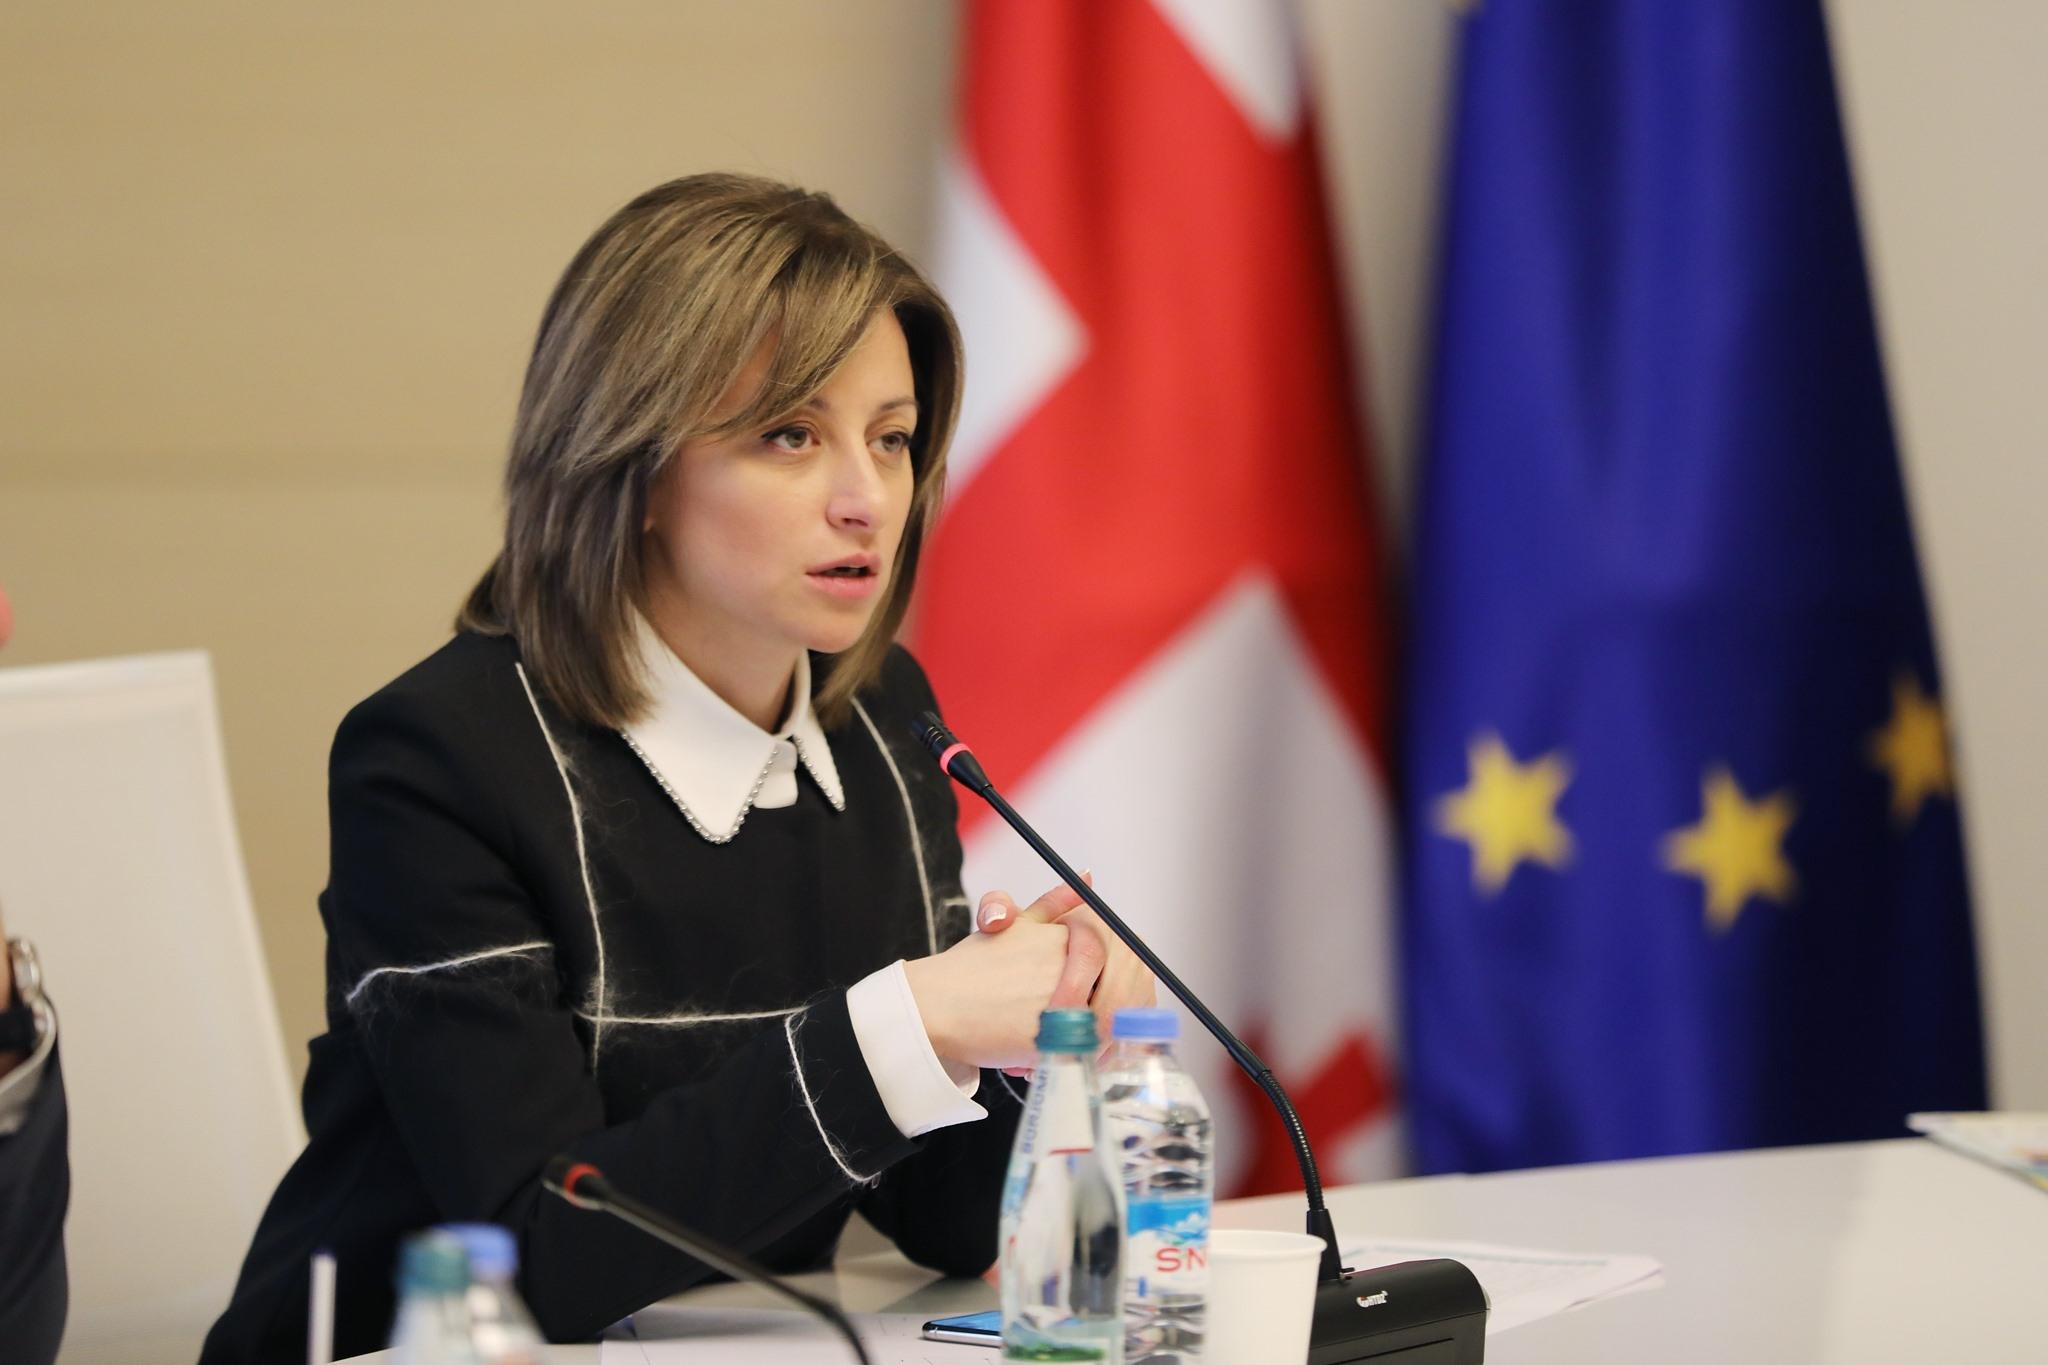 ეკატერინე ტიკარაძე: საქართველოში გადავტეხეთ ანტივაქსერული კამპანია